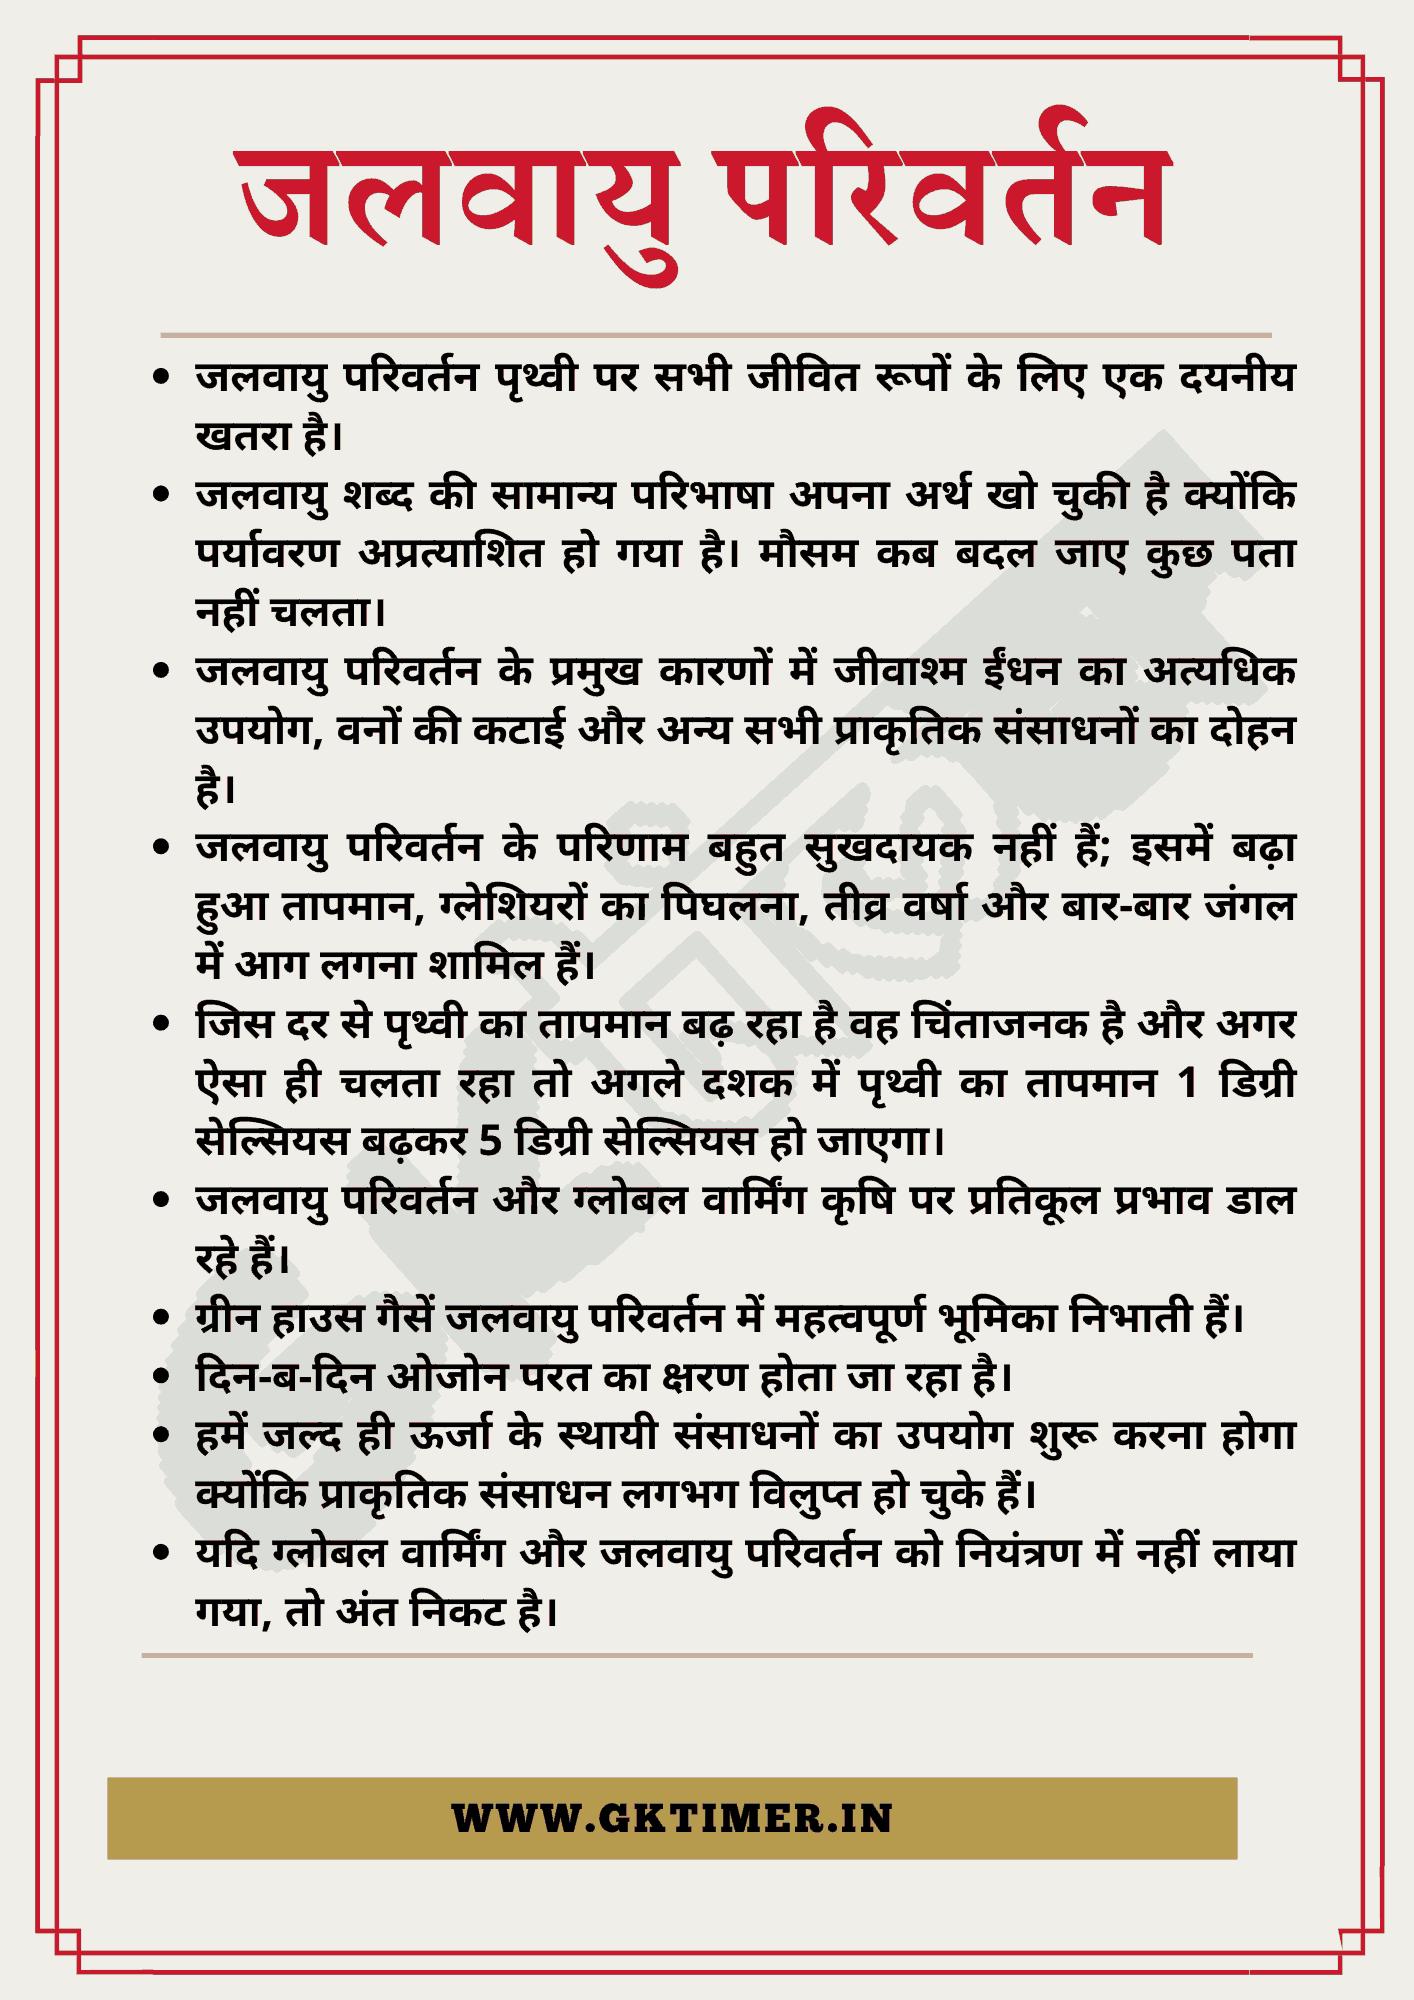 जलवायु परिवर्तन पर निबंध   Long and Short Essay on Climate Change in Hindi   10 Lines on Climate Change in Hindi